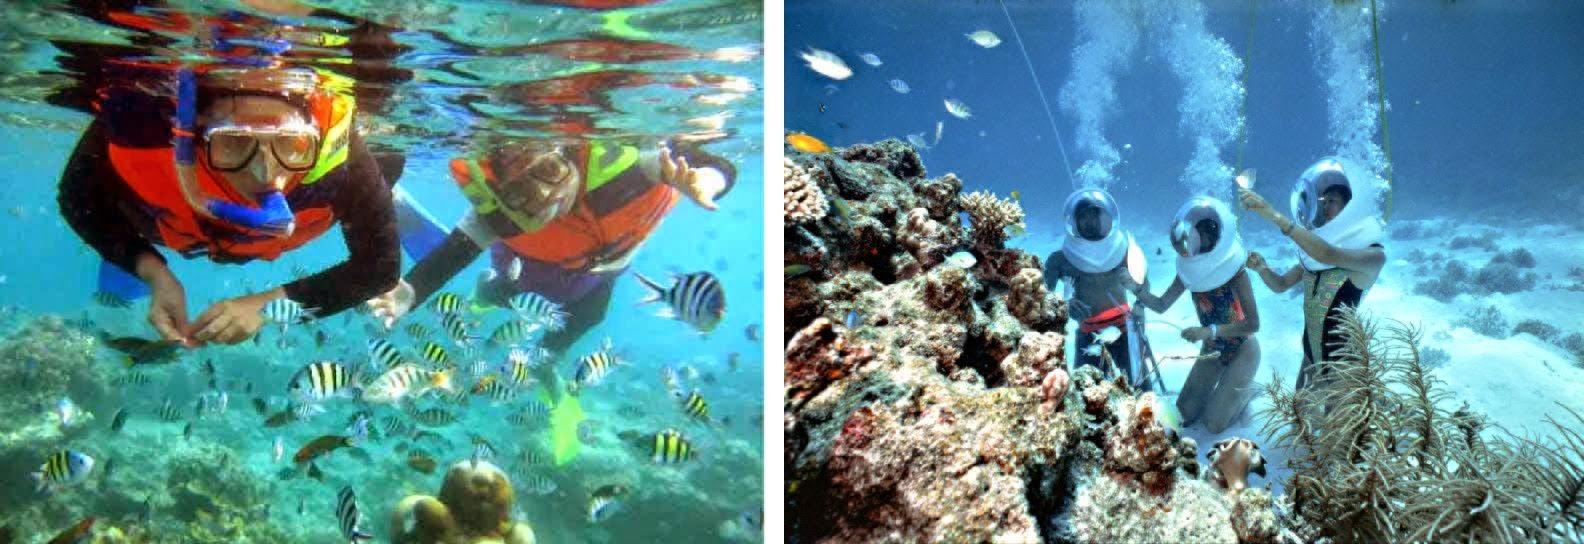 Tempat Wisata Pantai Tanjung Benoa di Bali yang Eksotik